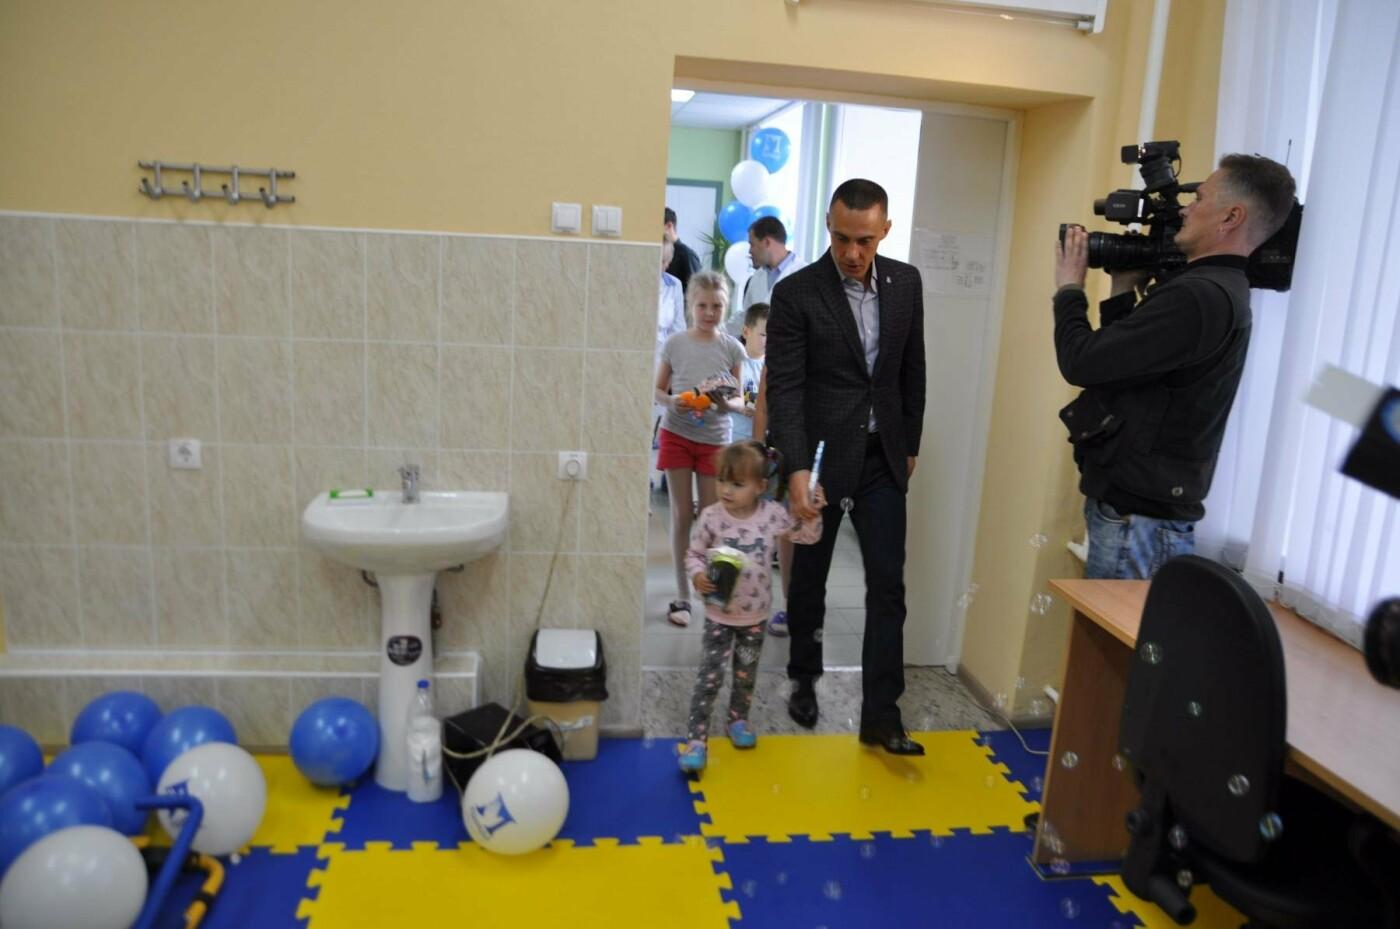 Профсоюз «Правда» подарил новый зал лечебной физкультуры пациентам детской областной клинической больницы, фото-4